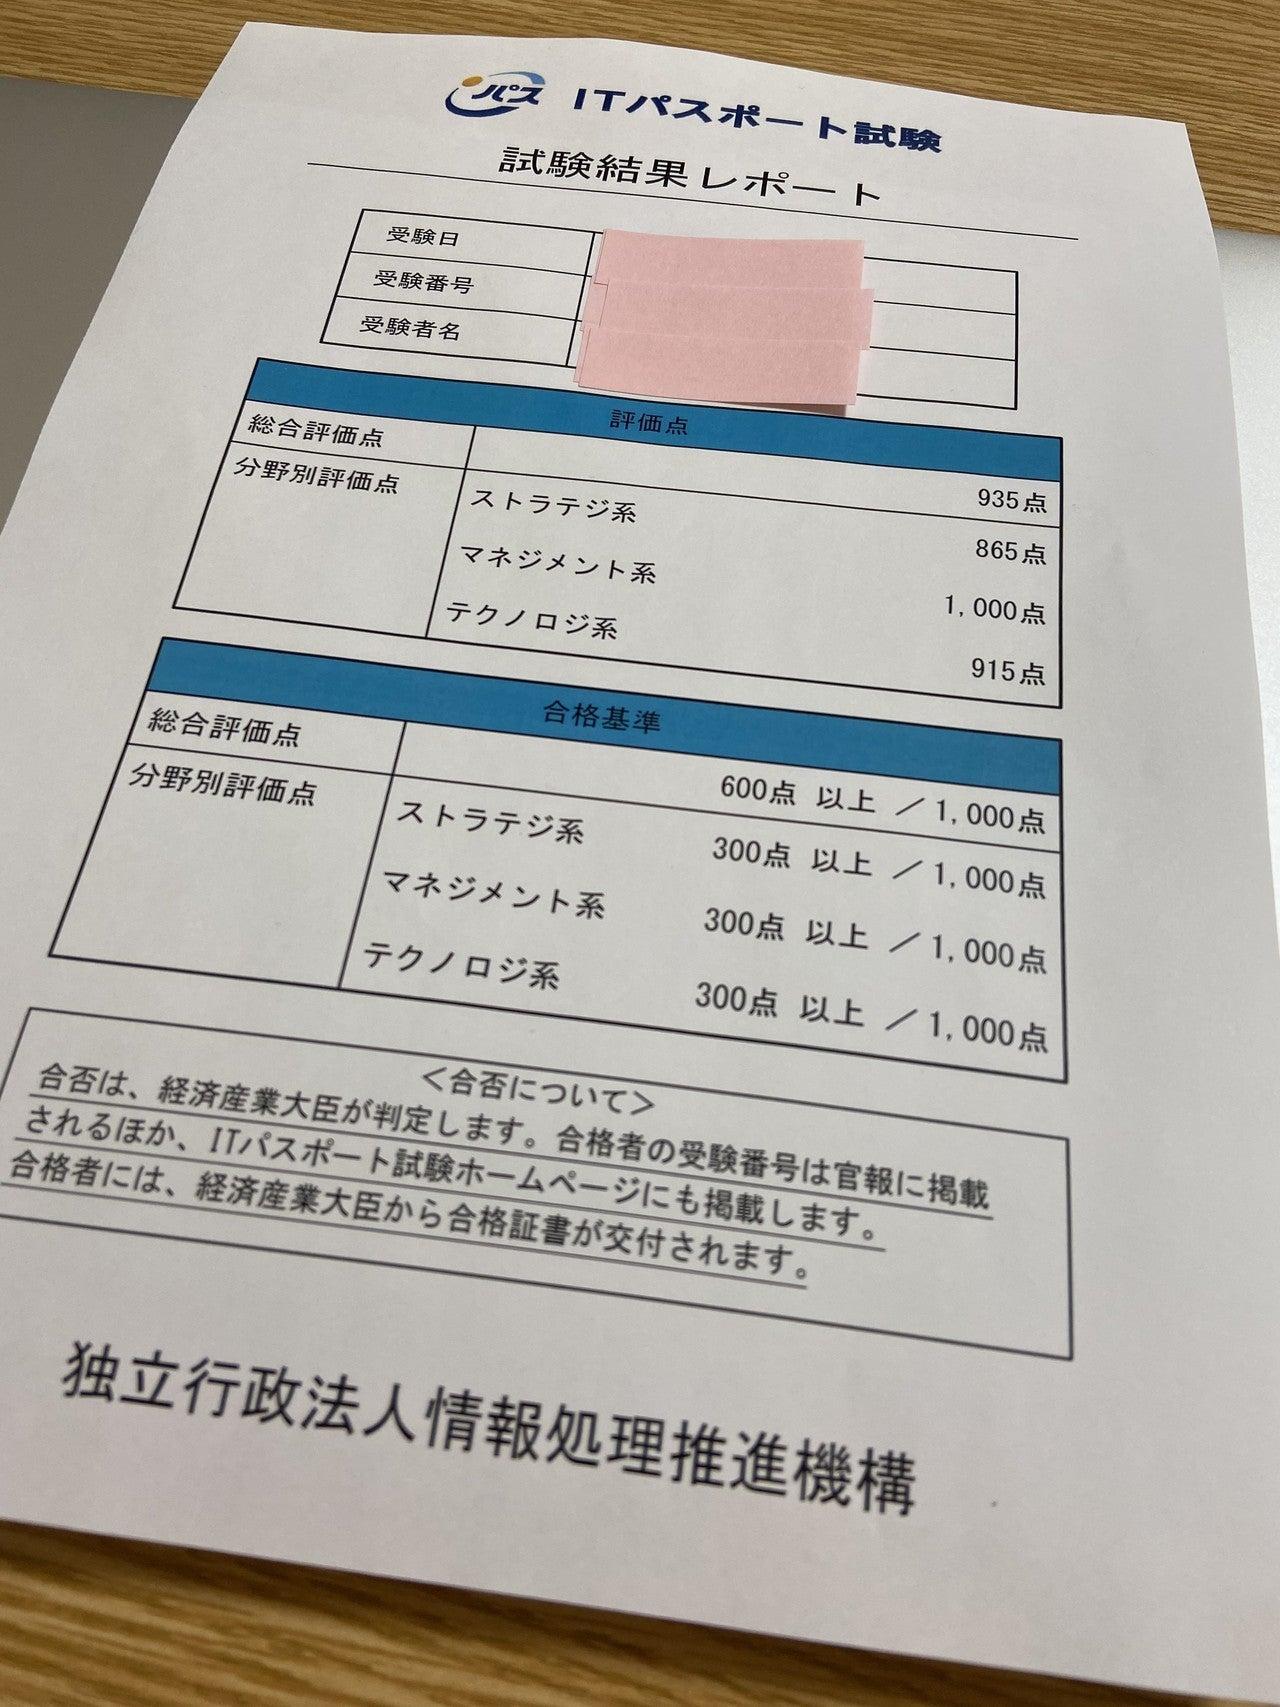 試験 it パスポート ITパスポート試験の簡単なところ、油断してはいけない難しいところ